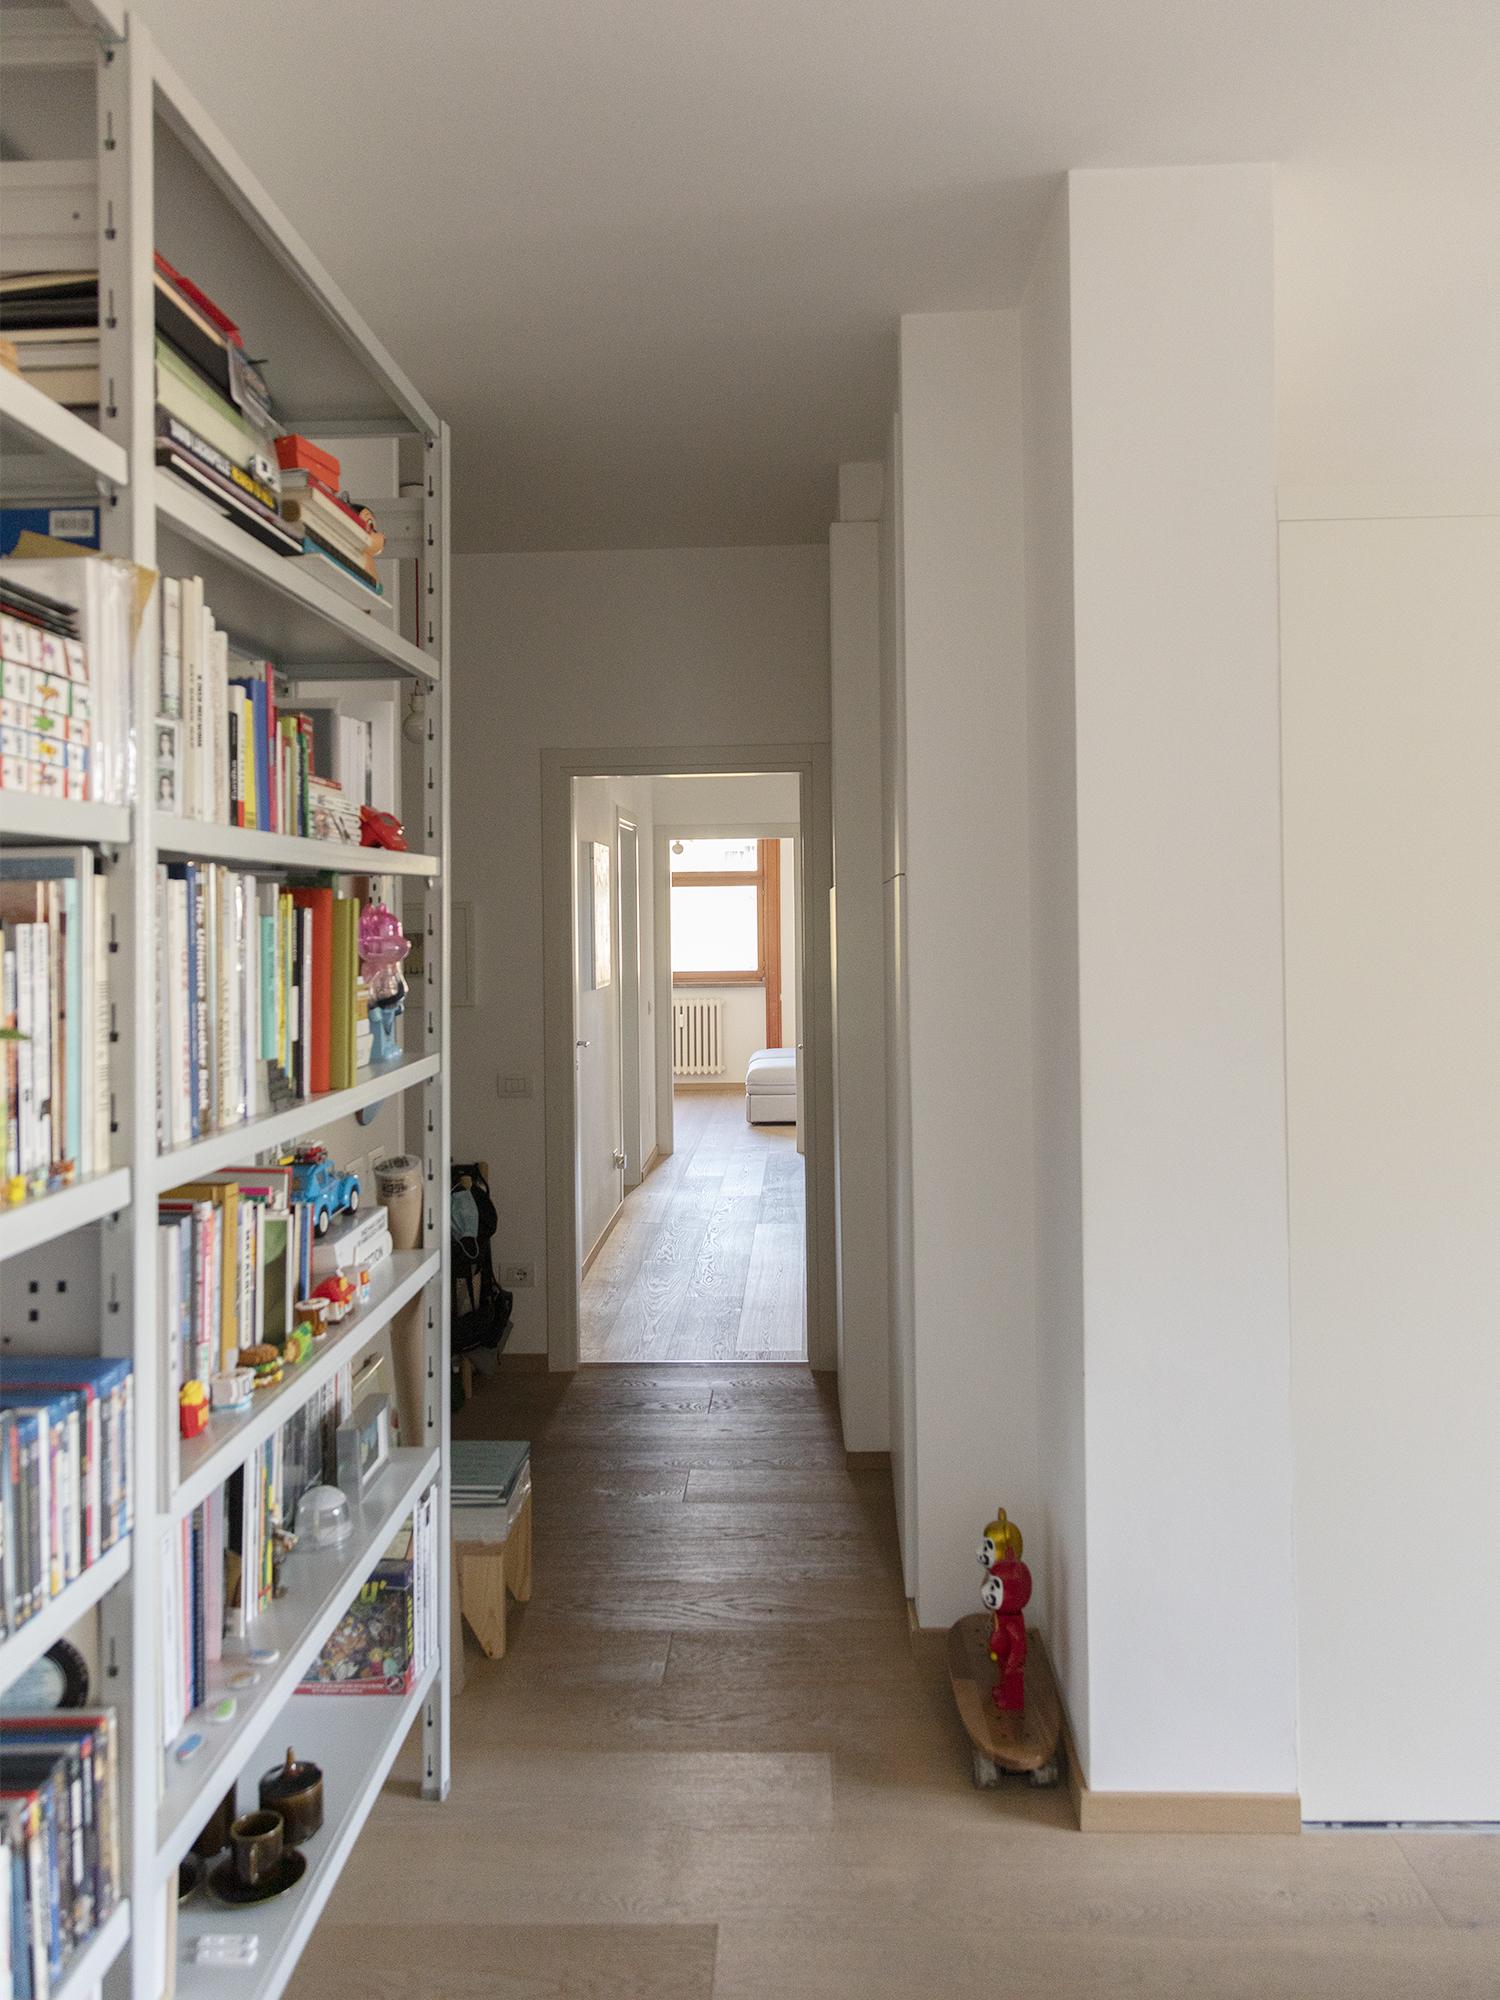 libreria in metallo di design per libri o raccoglitori adatta per negozi, uffici, showroom e hotel